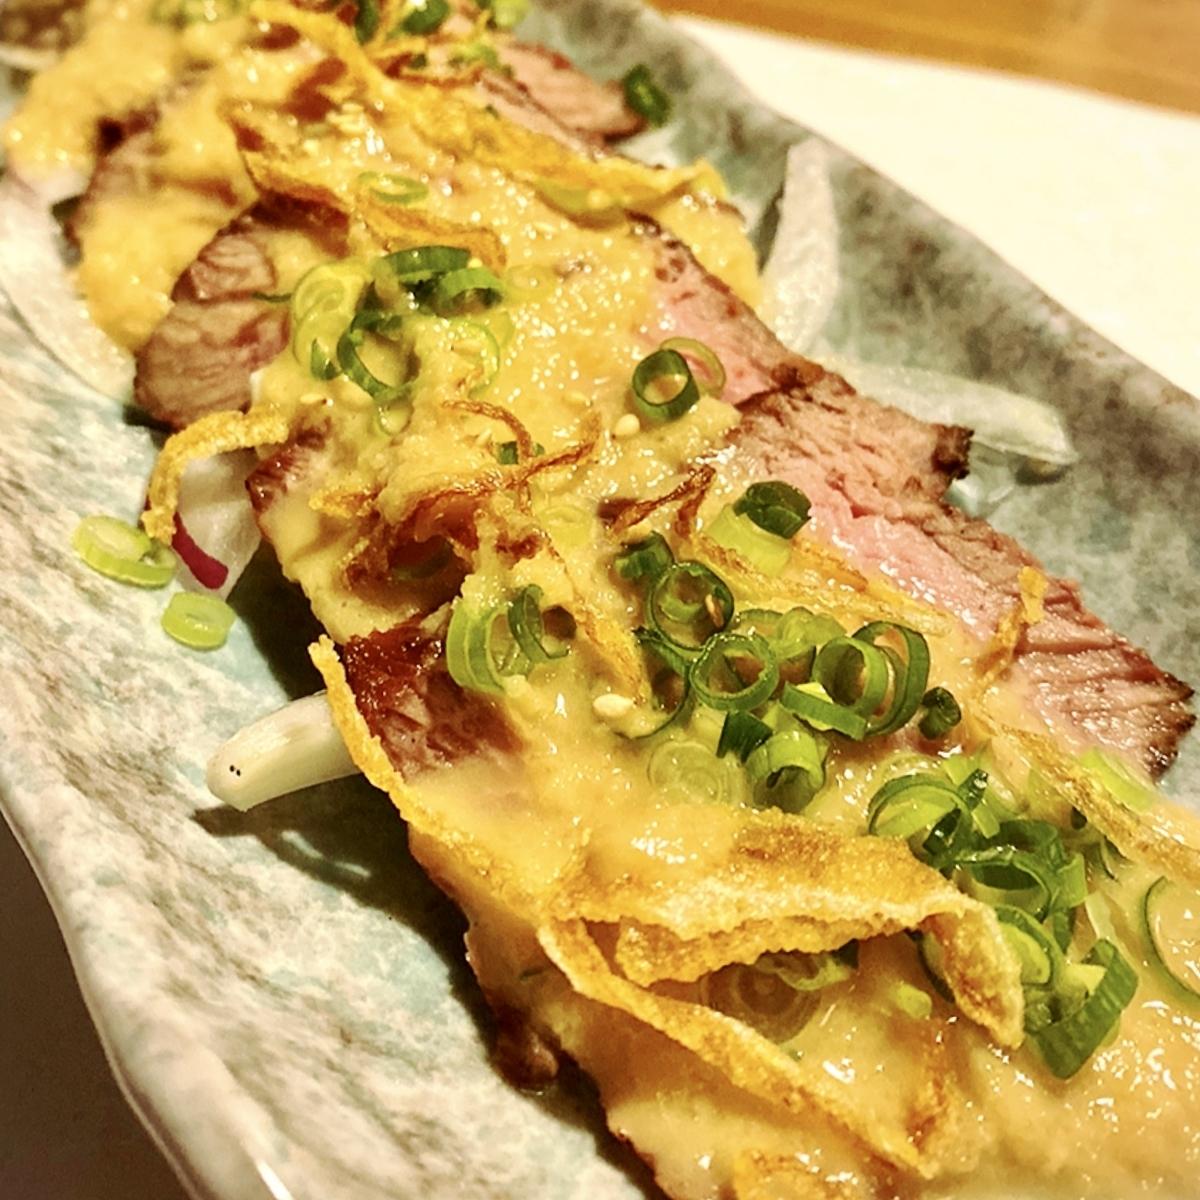 黒塗りオシャレな和食居酒屋が吉祥寺にニューオープン!締めの鶏雑炊が絶品